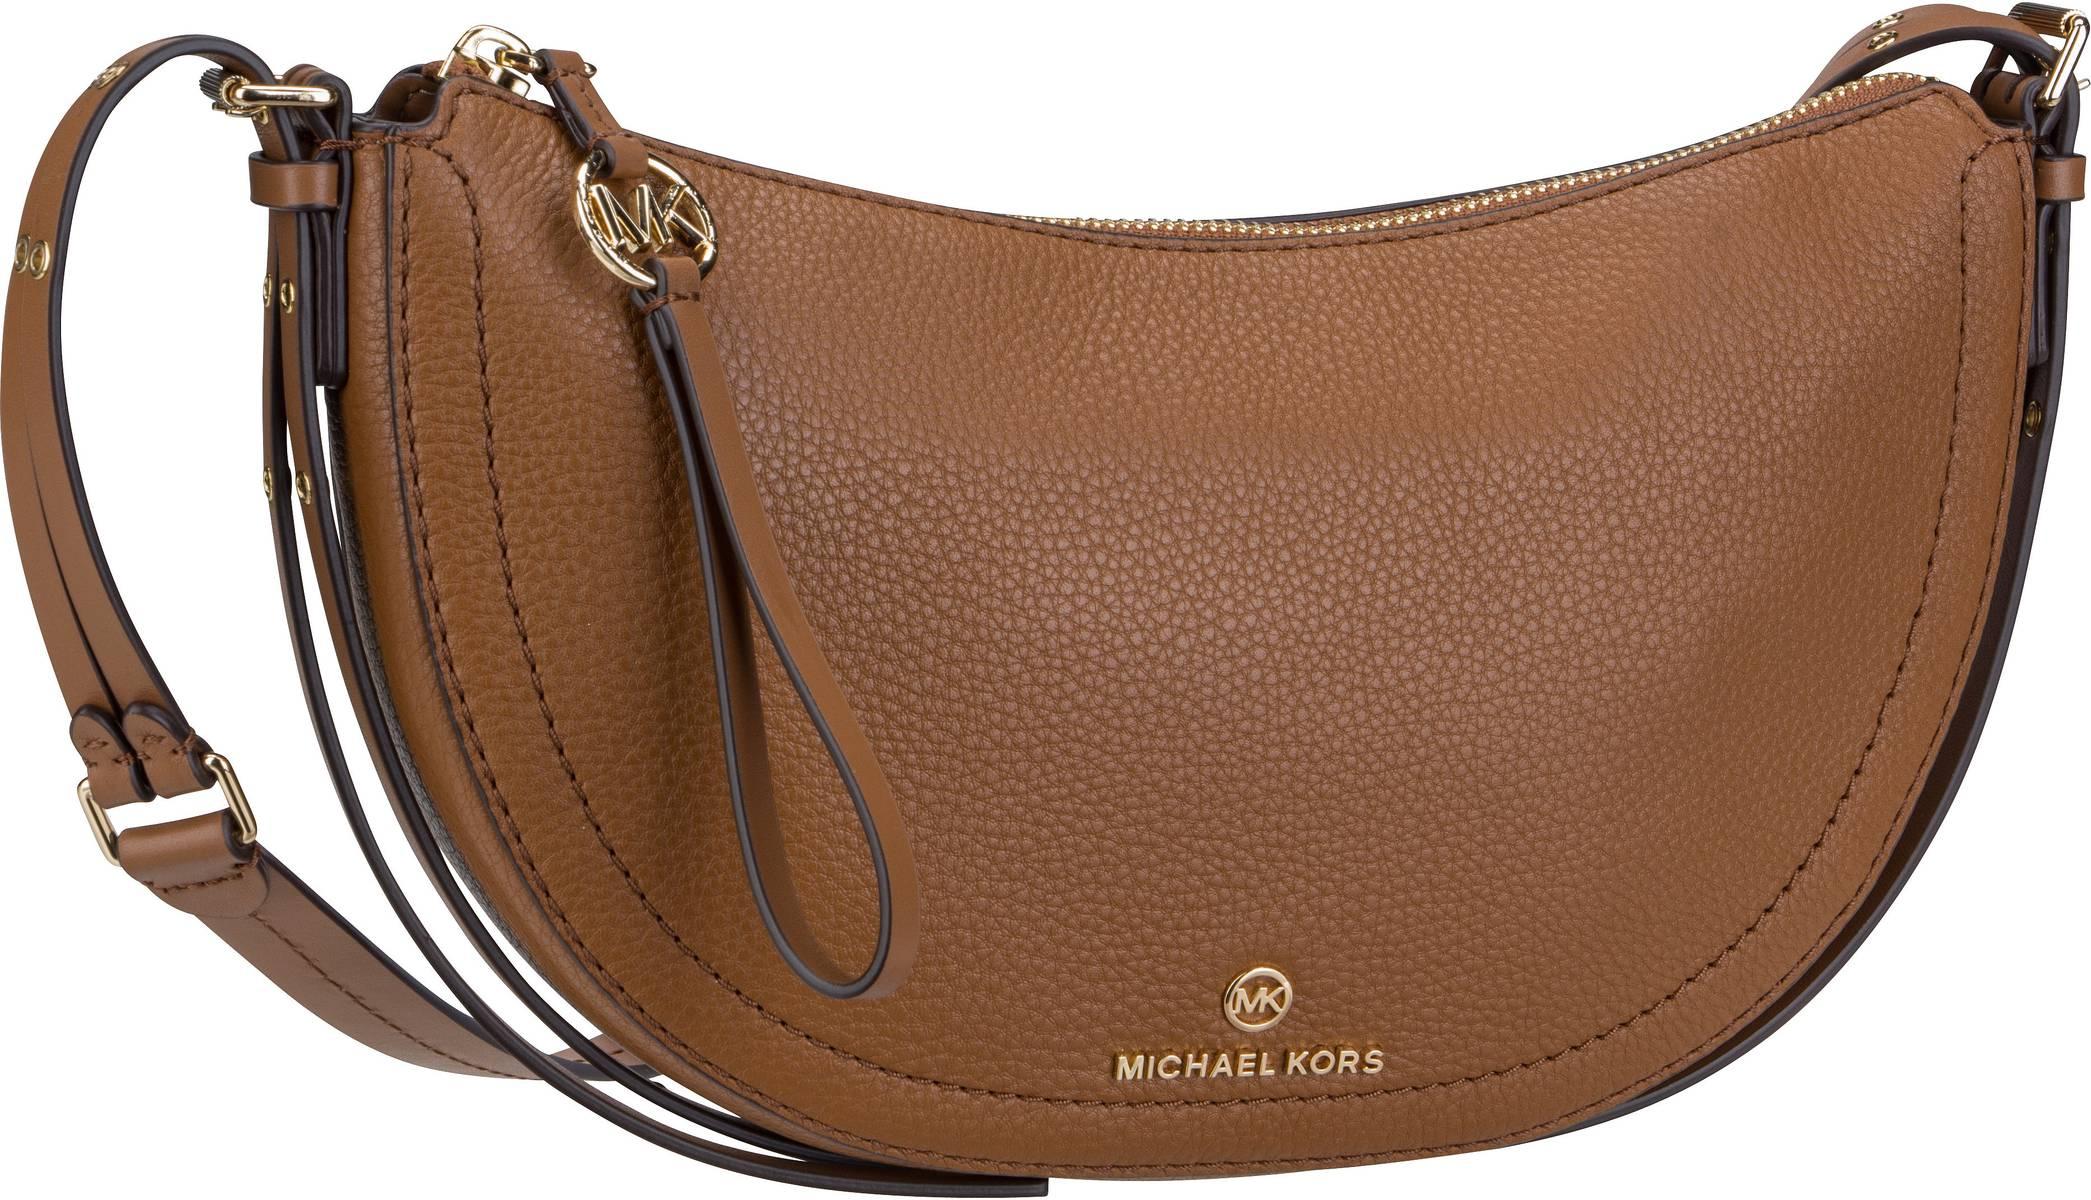 Michael Kors Umhängetasche Camden Small Messenger Luggage